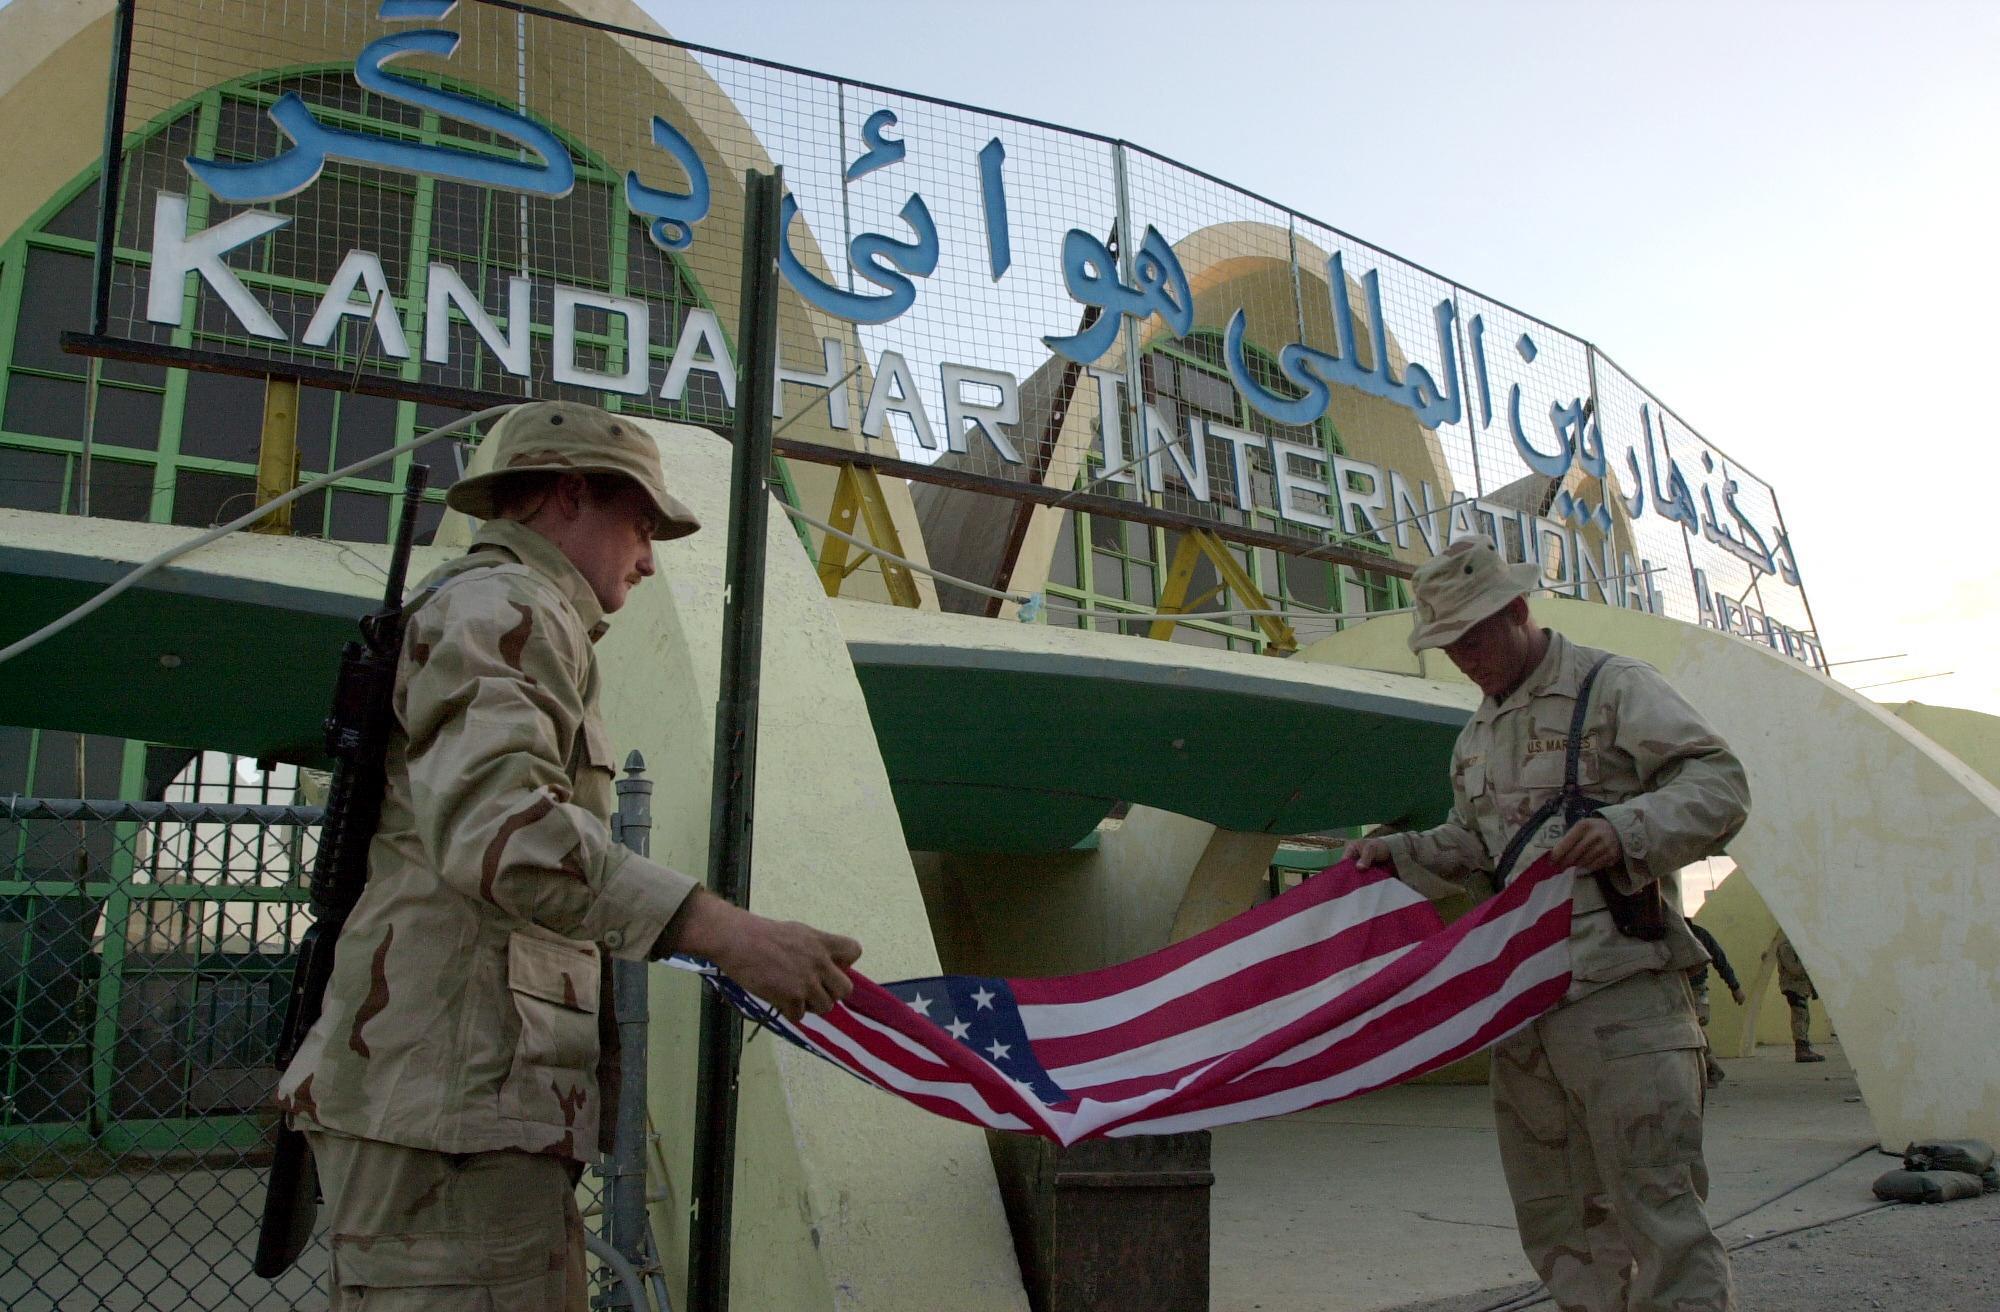 Image RFI Archive / Afghanistan: la piste de l'aéroport de Kandahar a été endommagée dans la nuit de samedi à dimanche ( 01 août 2021) par des roquettes. Tous les vols au départ ou à destination de la deuxième ville d'Afghanistan sont annulés. Ici, Marines pliant un drapeau américain à l'aéroport de Kandahar (Image illustration).